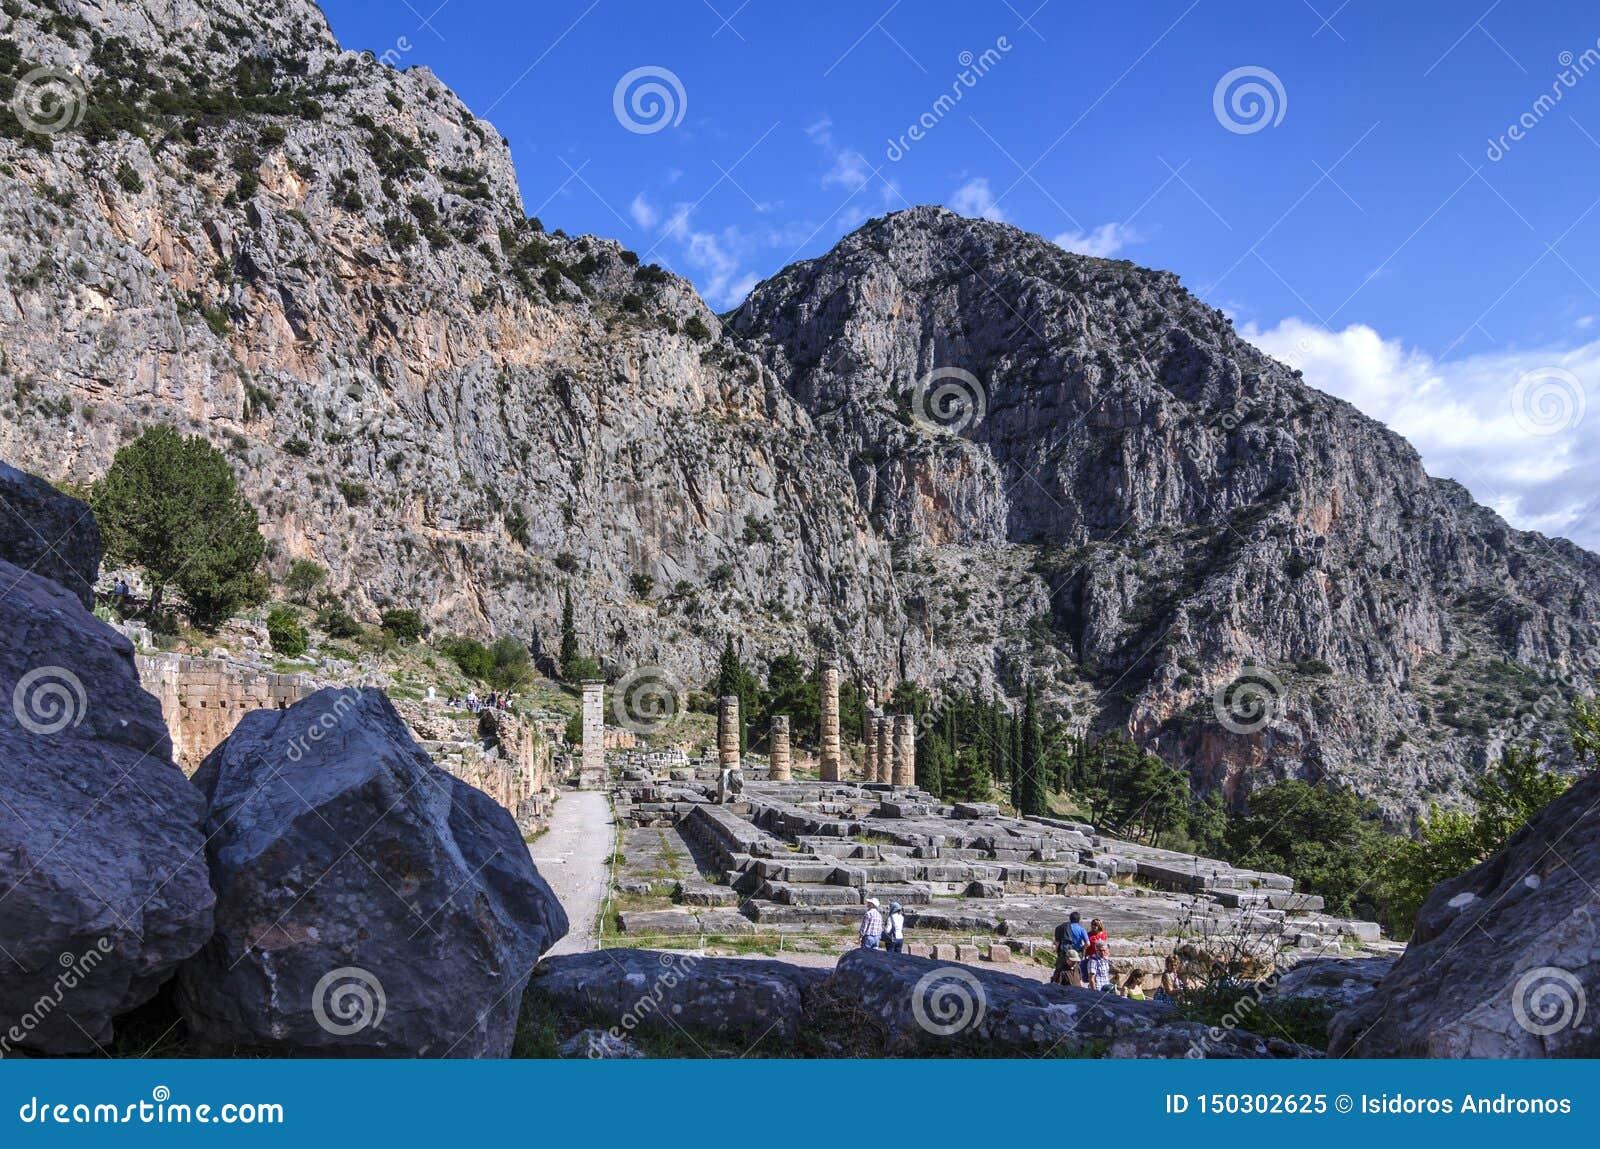 Ναός απόλλωνα επί του αρχαιολογικού τόπου των Δελφών